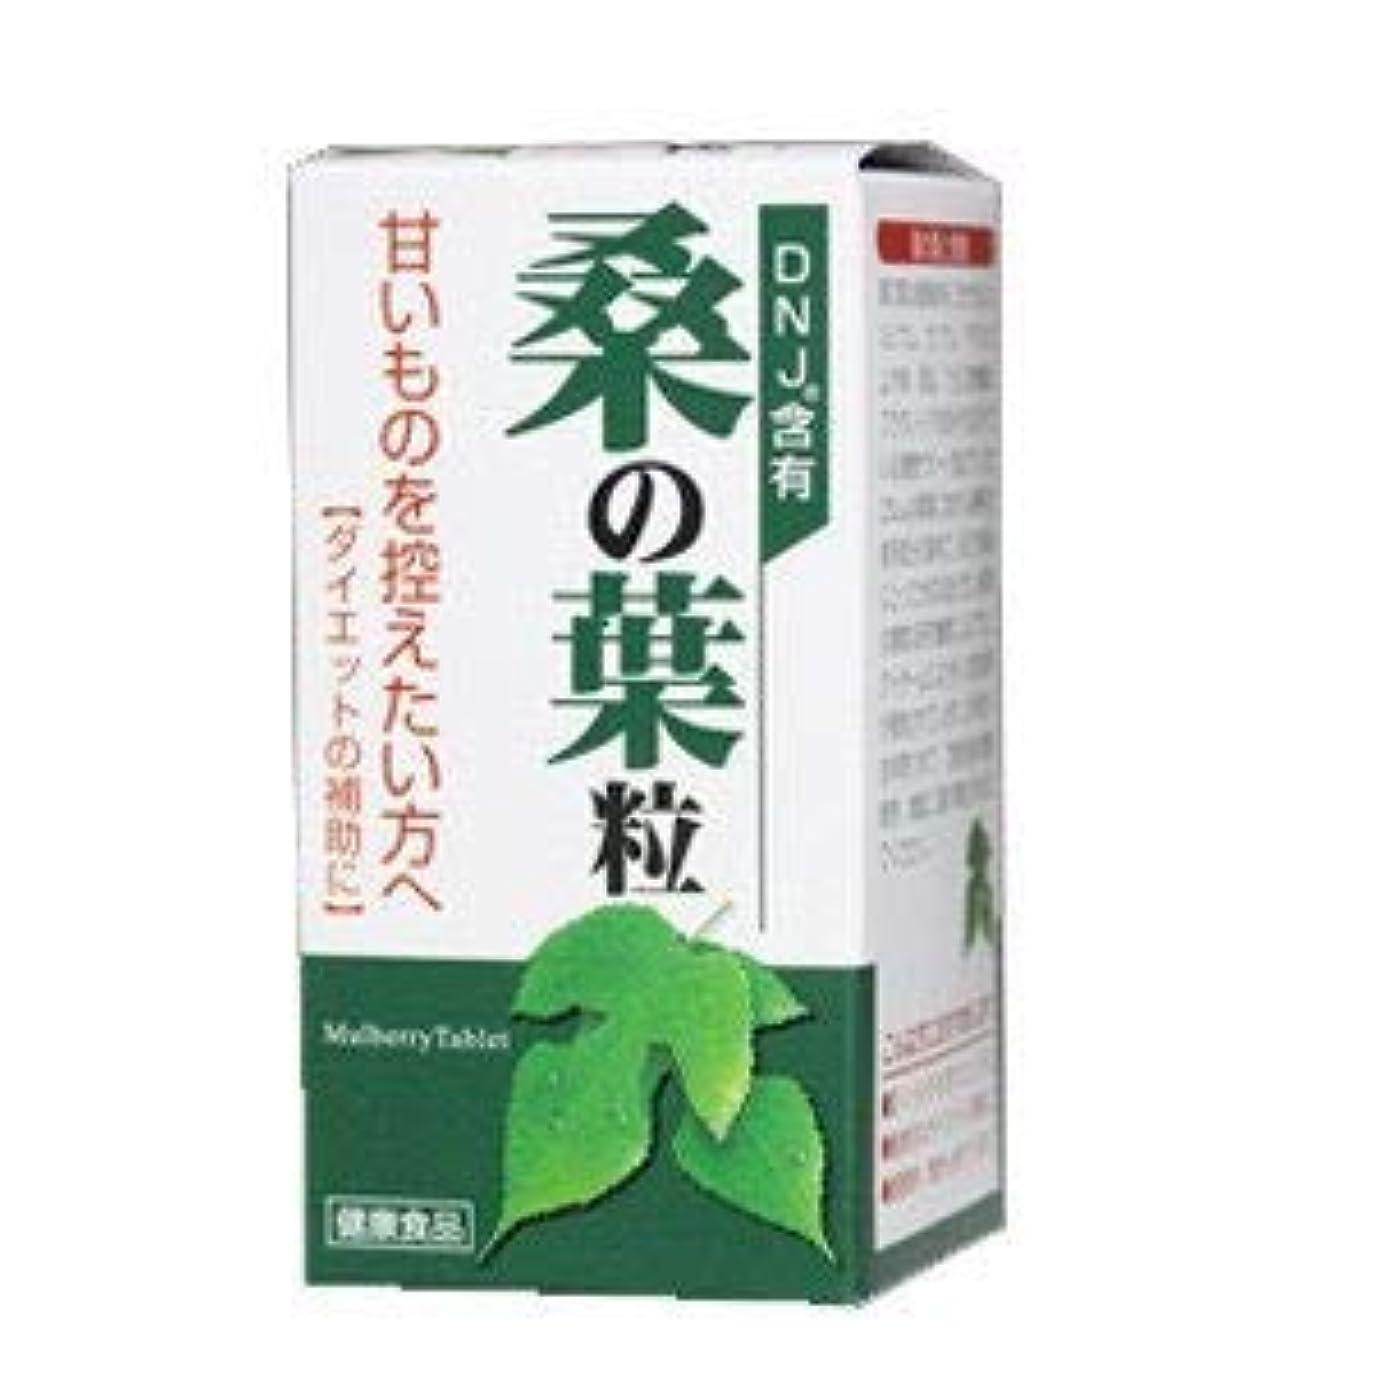 矩形忌避剤そっと桑の葉粒 270粒 3個 大草薬品